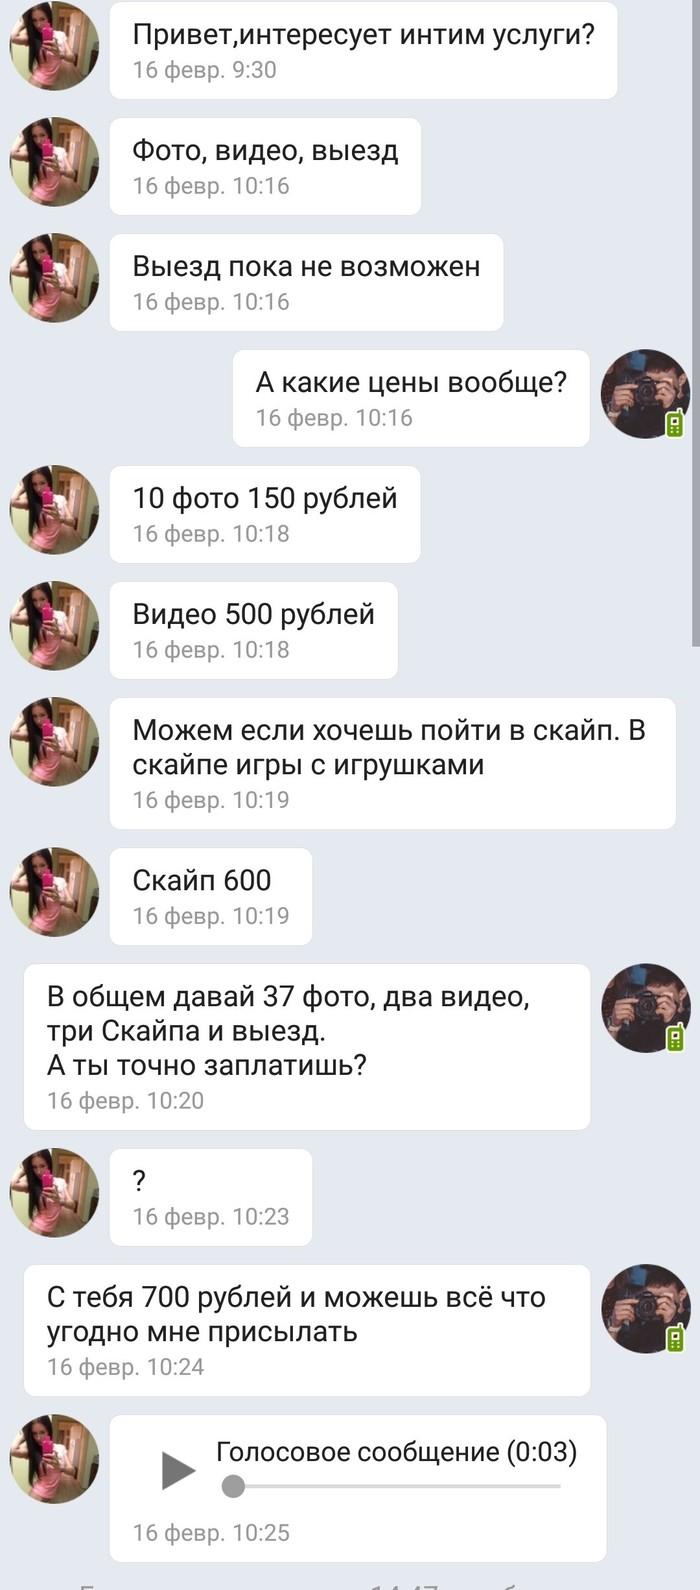 Попытка развода в социальных сетях. Мошенники, Интим, Длиннопост, Переписка, ВКонтакте, Скриншот